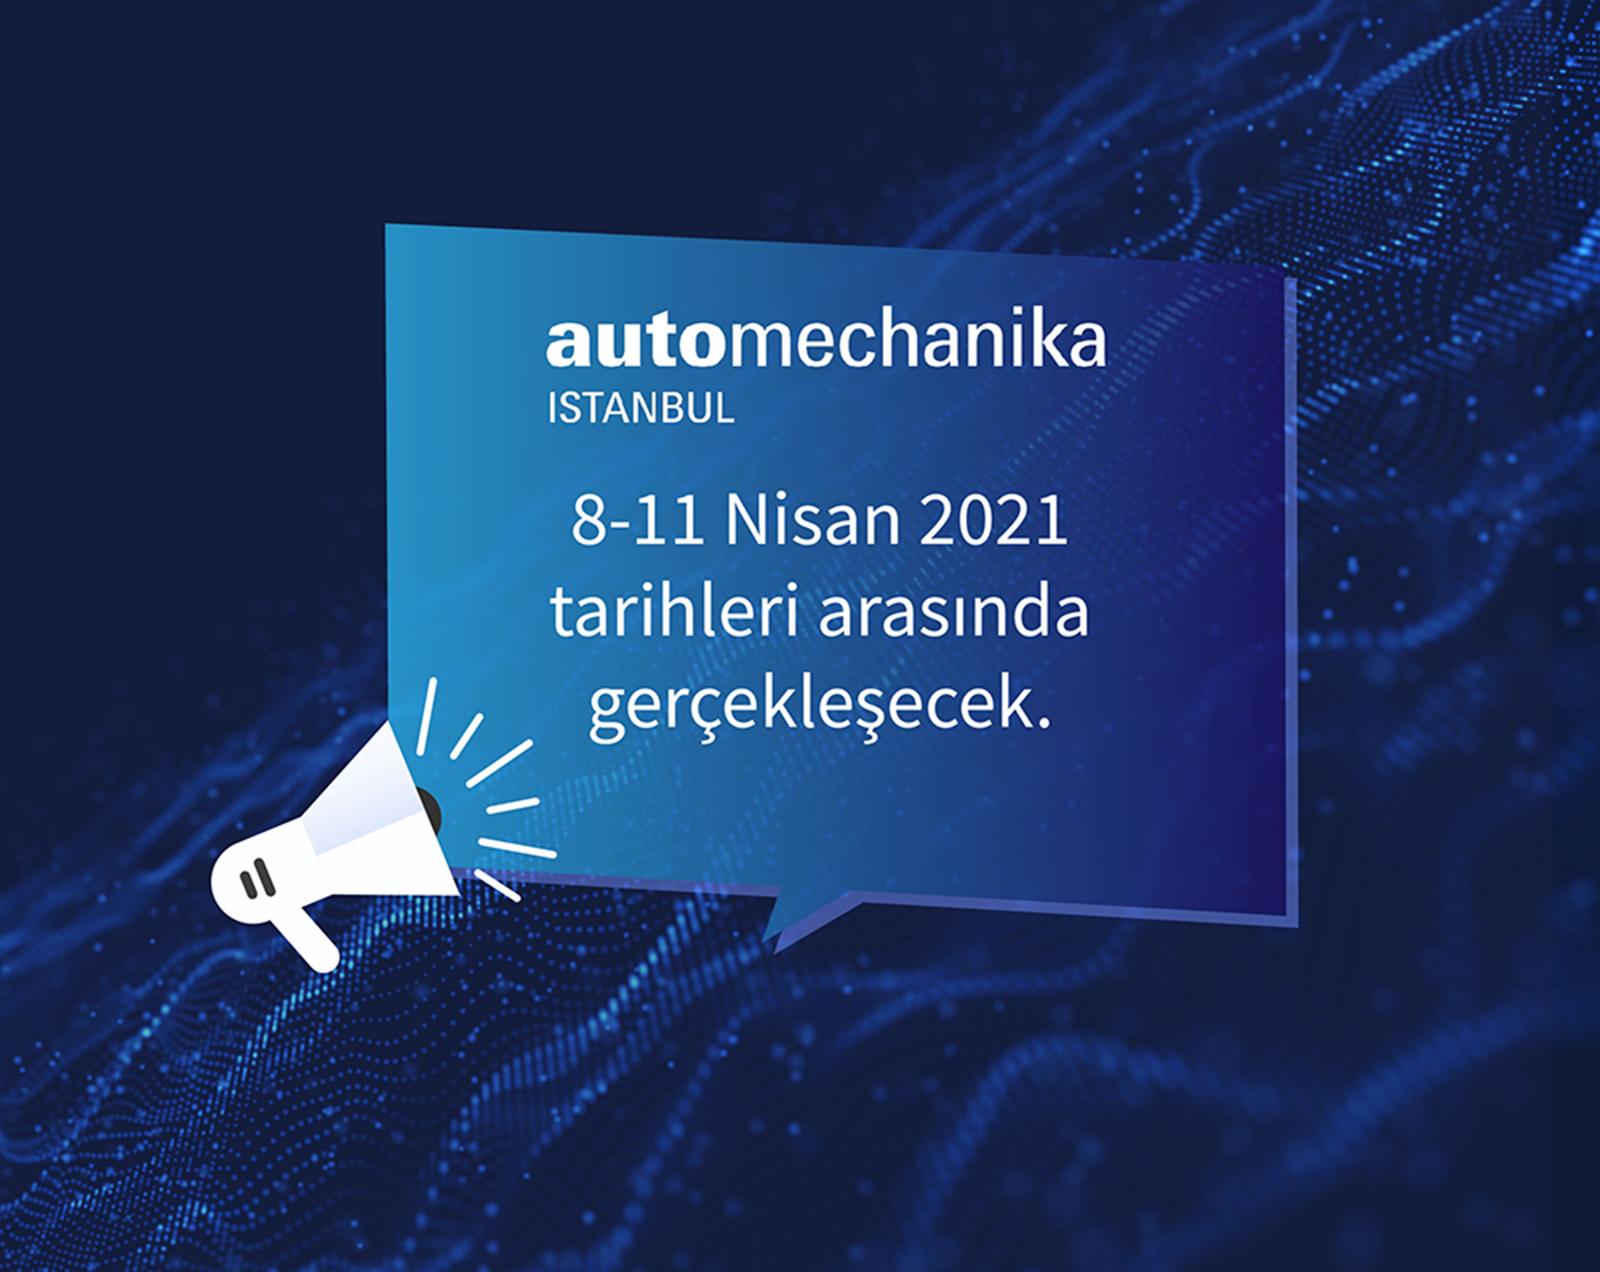 Automechanika Istanbul 2020 Hakkında Bilgilendirme